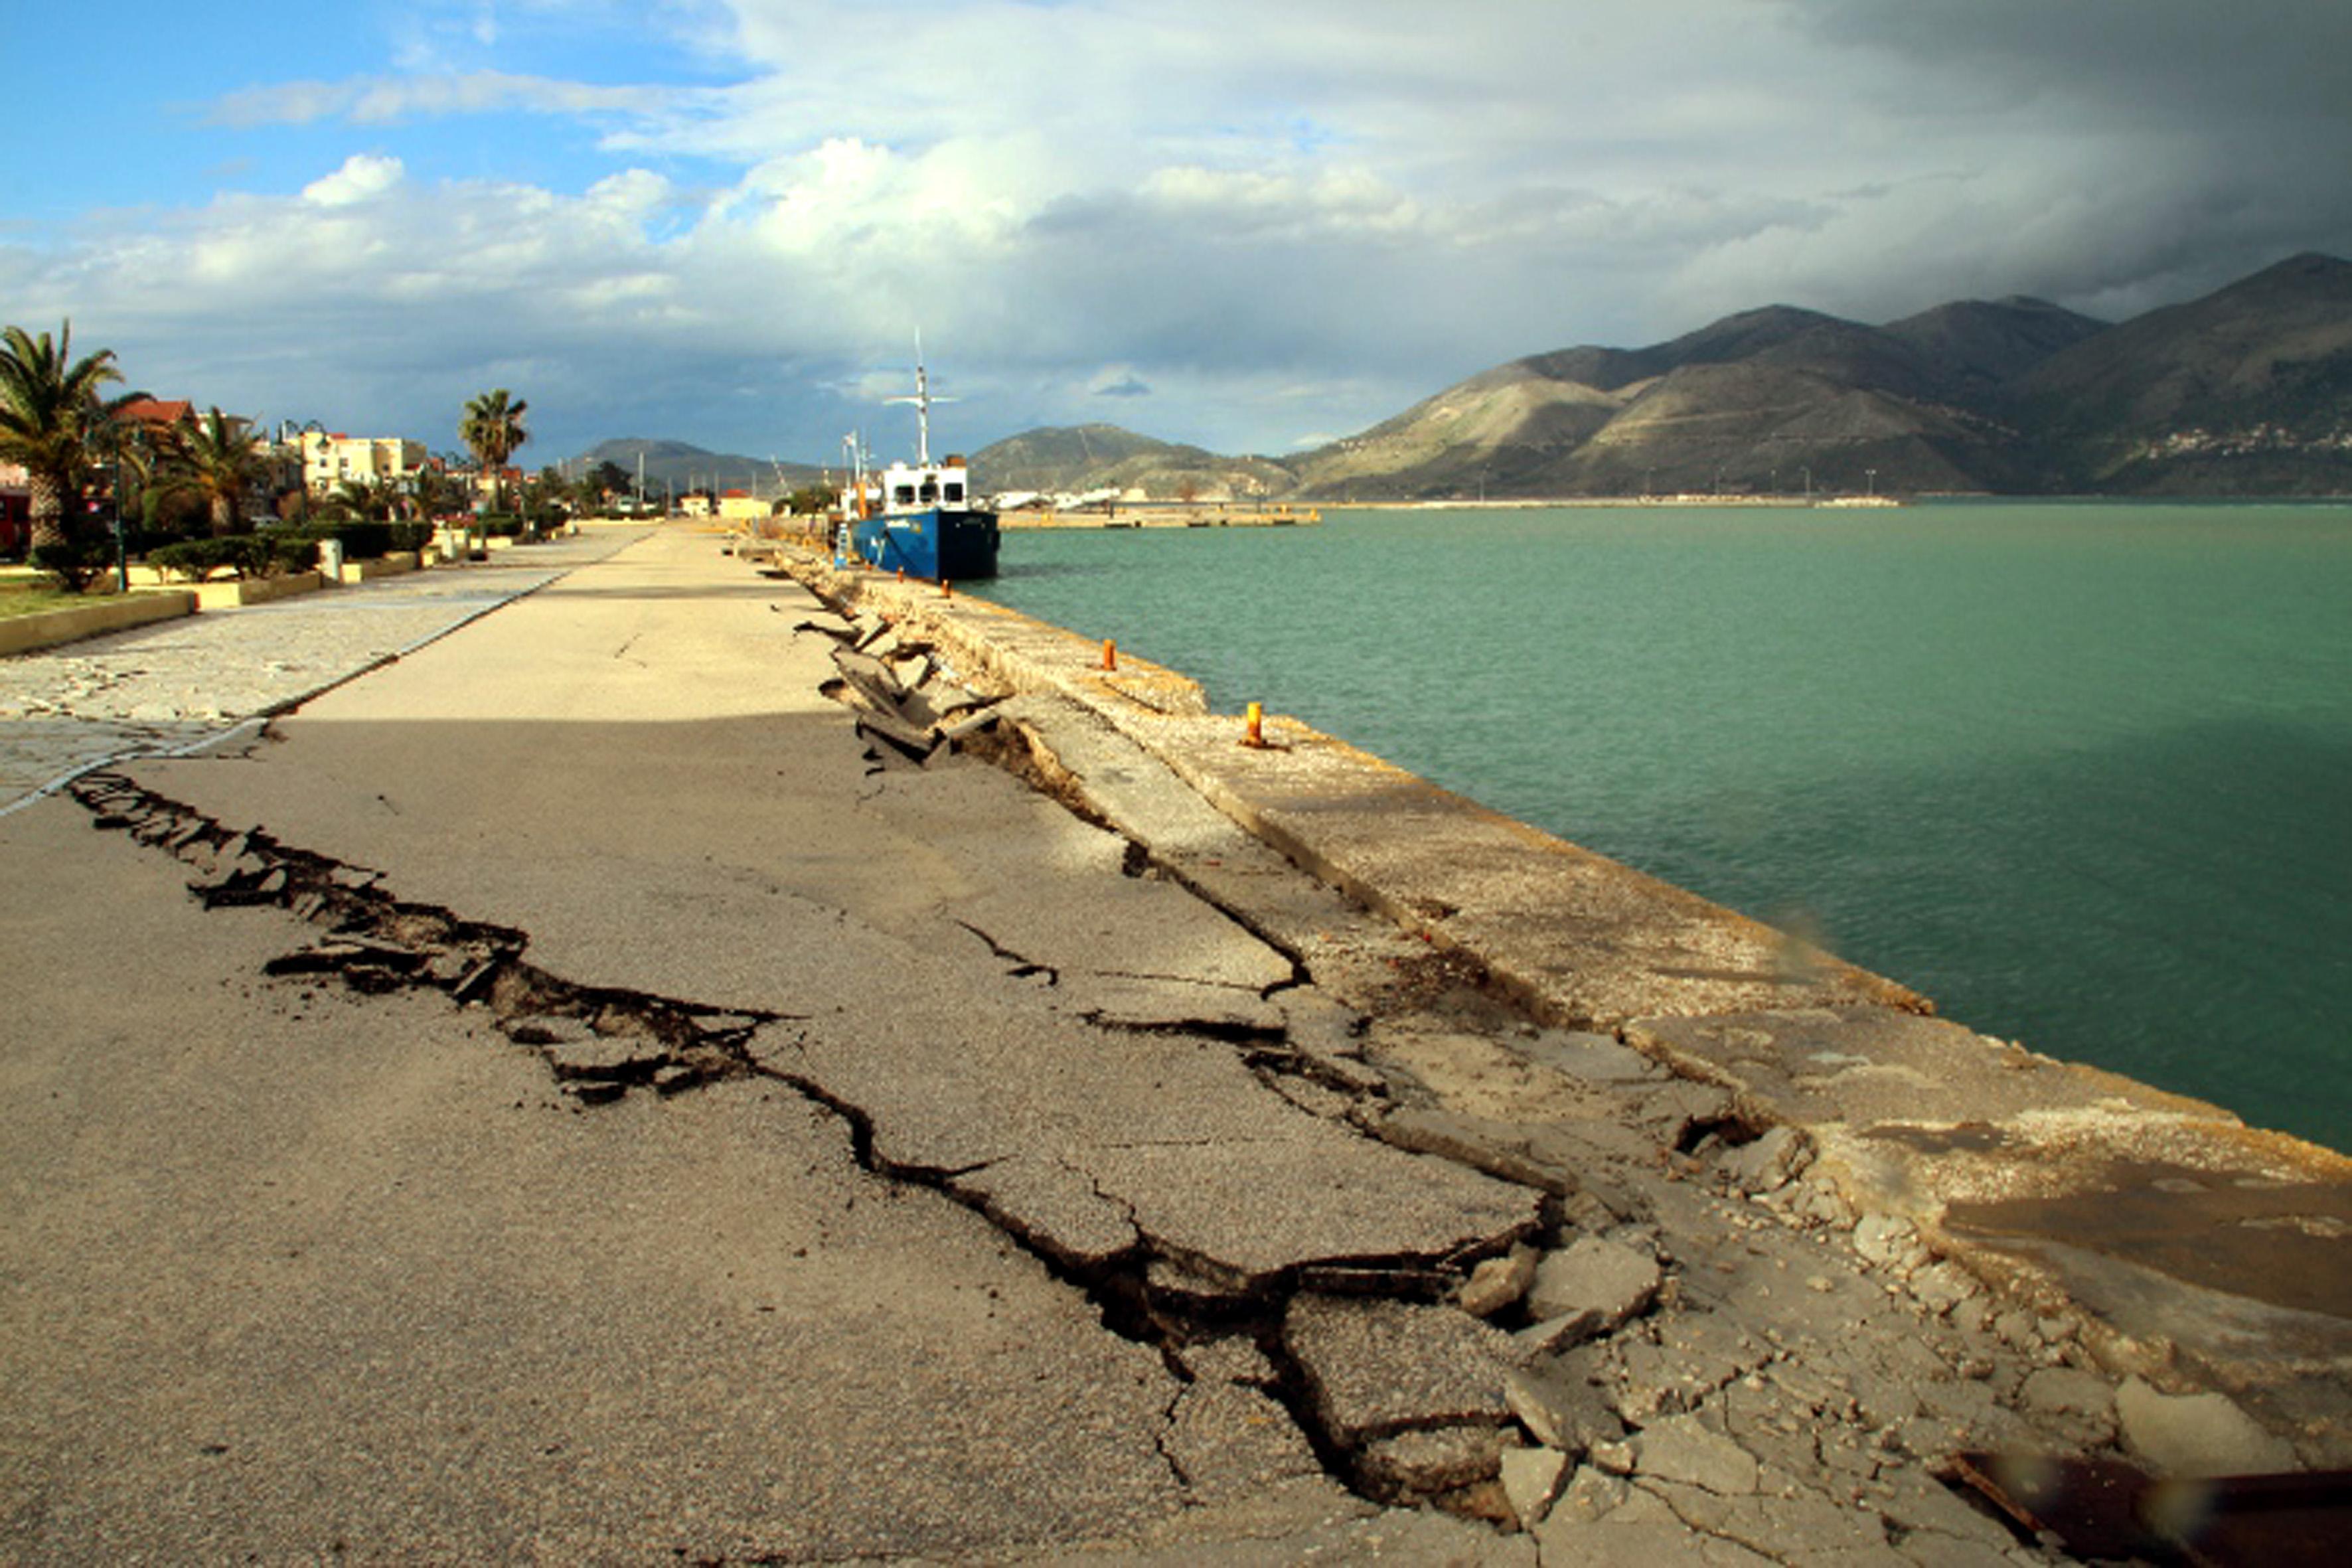 Κεφαλονιά: Νέα σεισμική δόνηση 4,1 βαθμών | tovima.gr